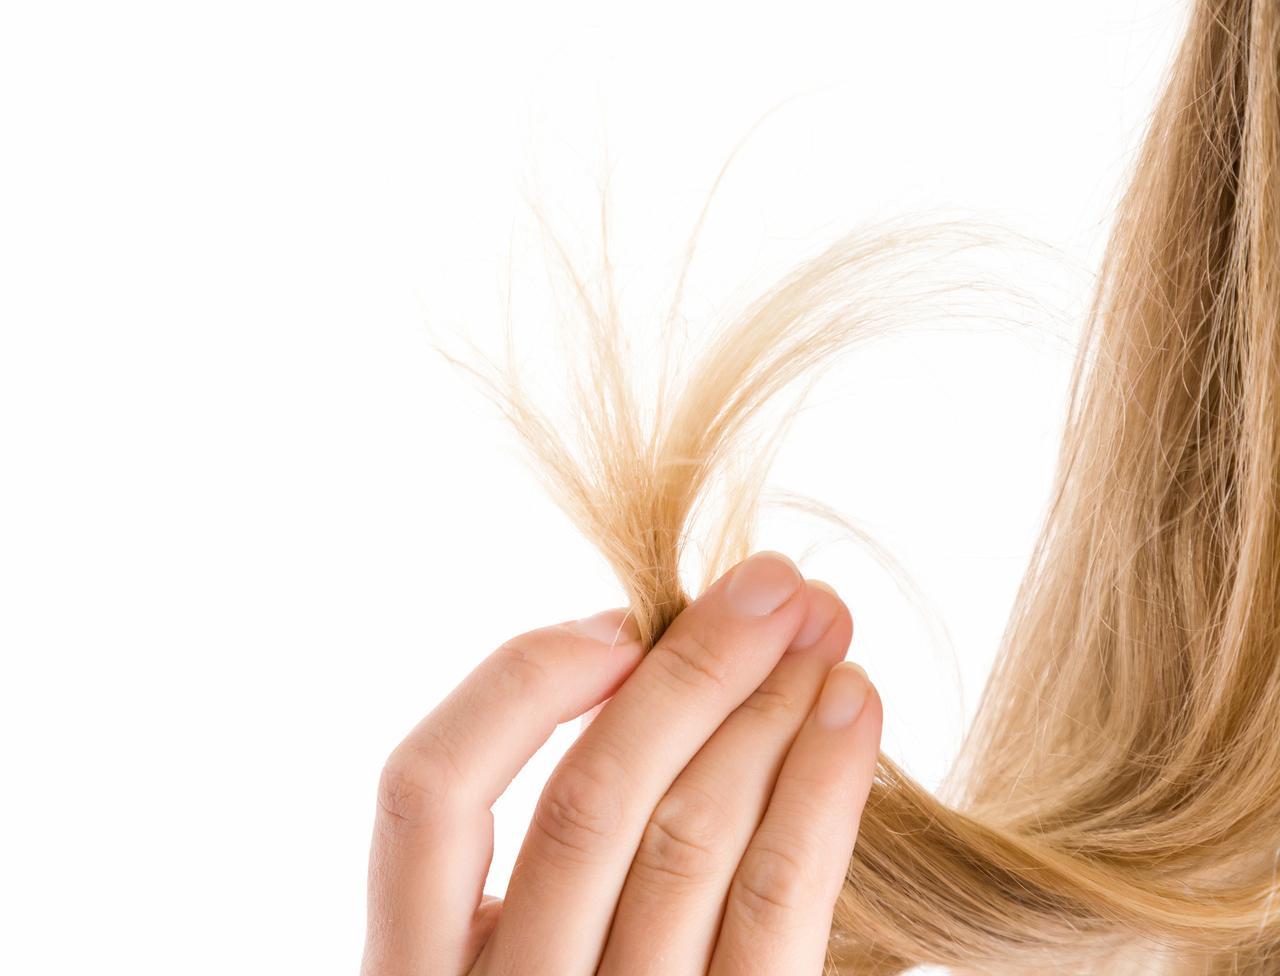 画像: 美髪のためには毛先のカットが大切